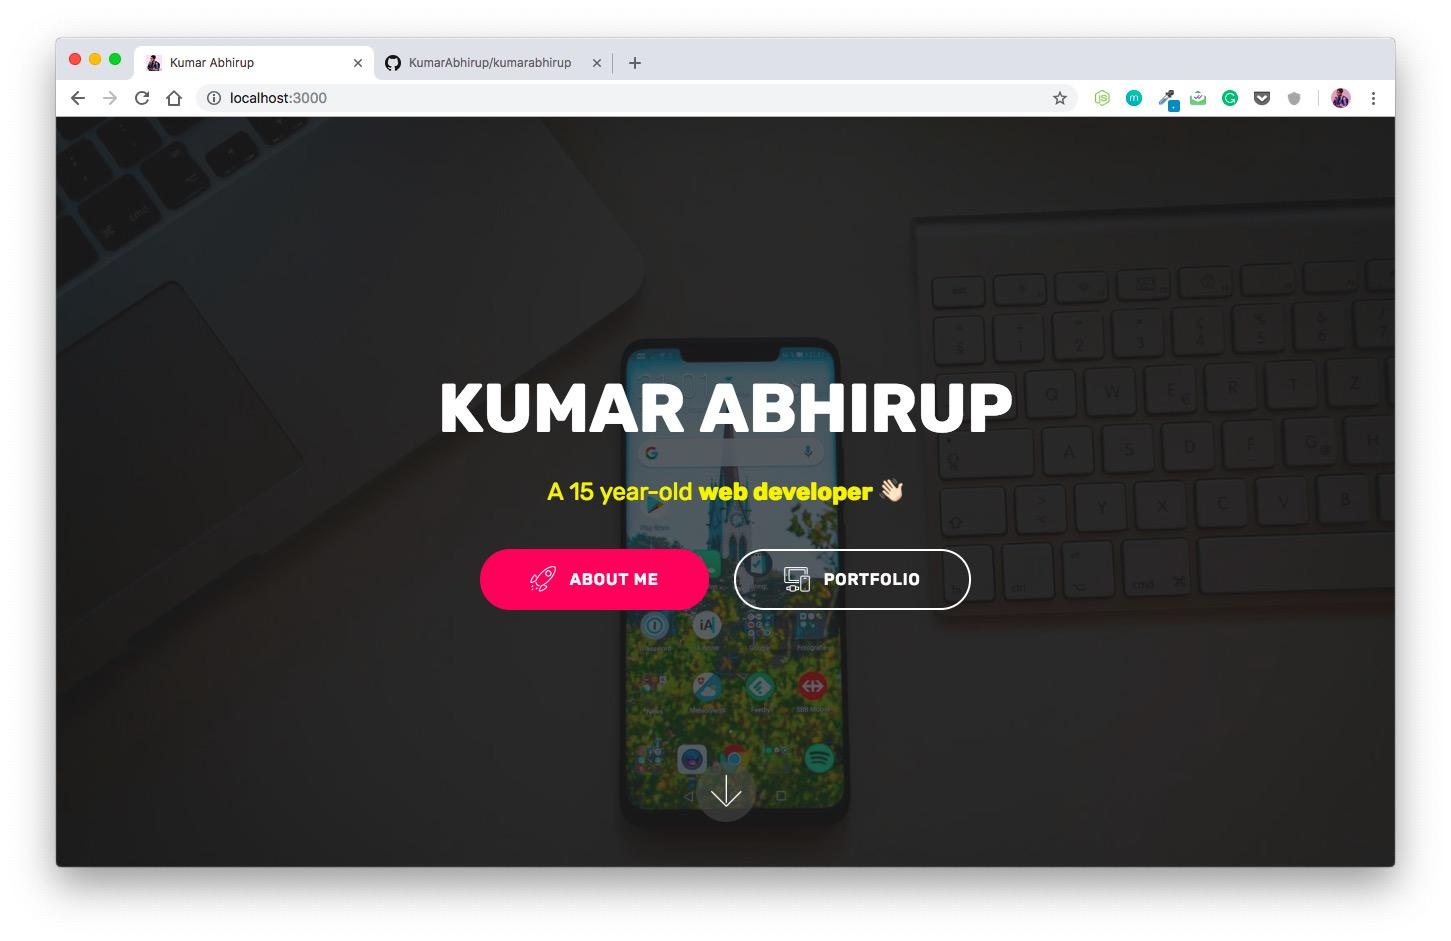 kumarabhirup.com